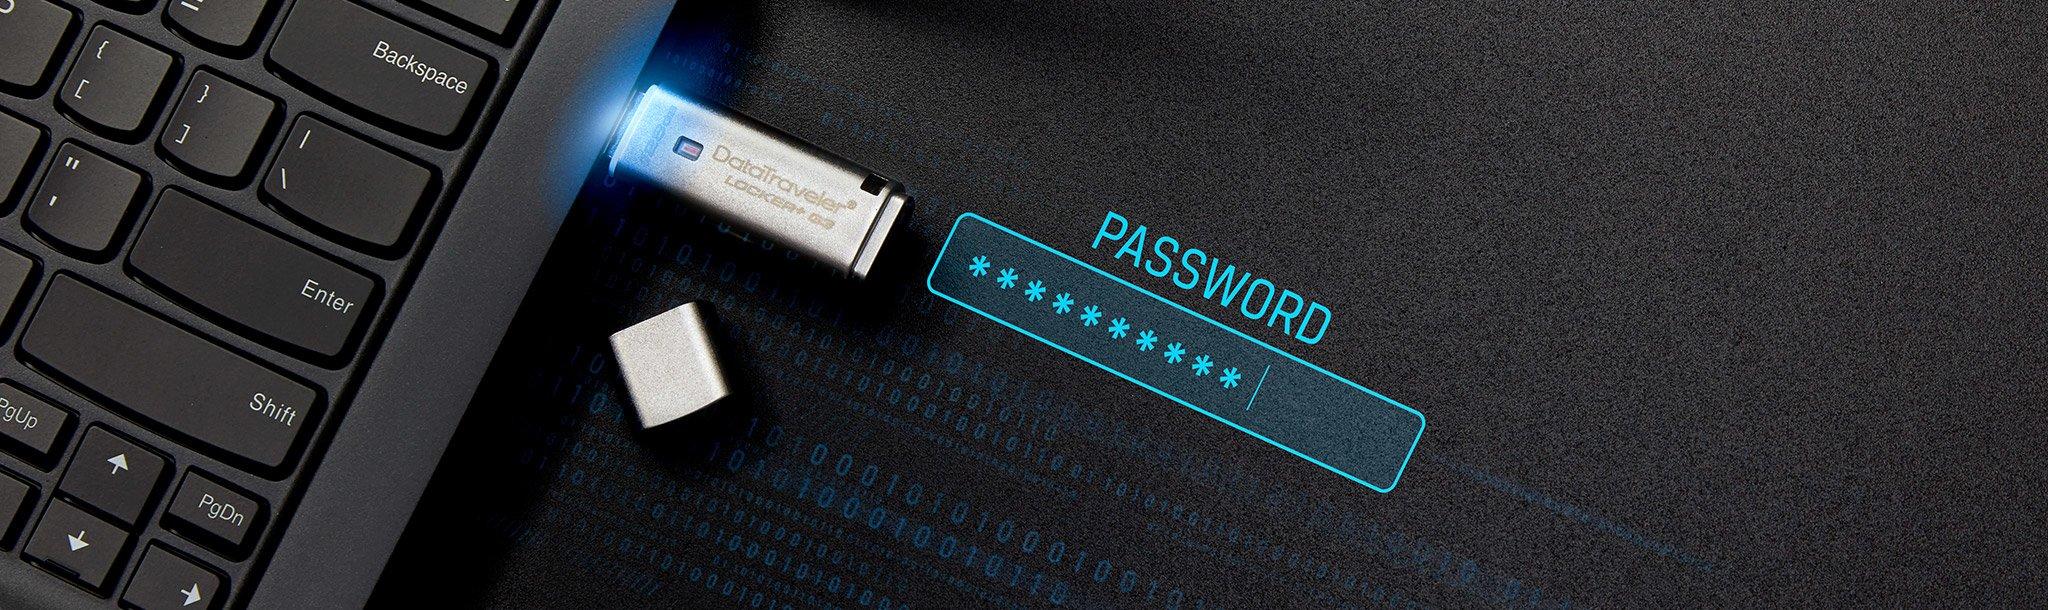 出色的密码保护